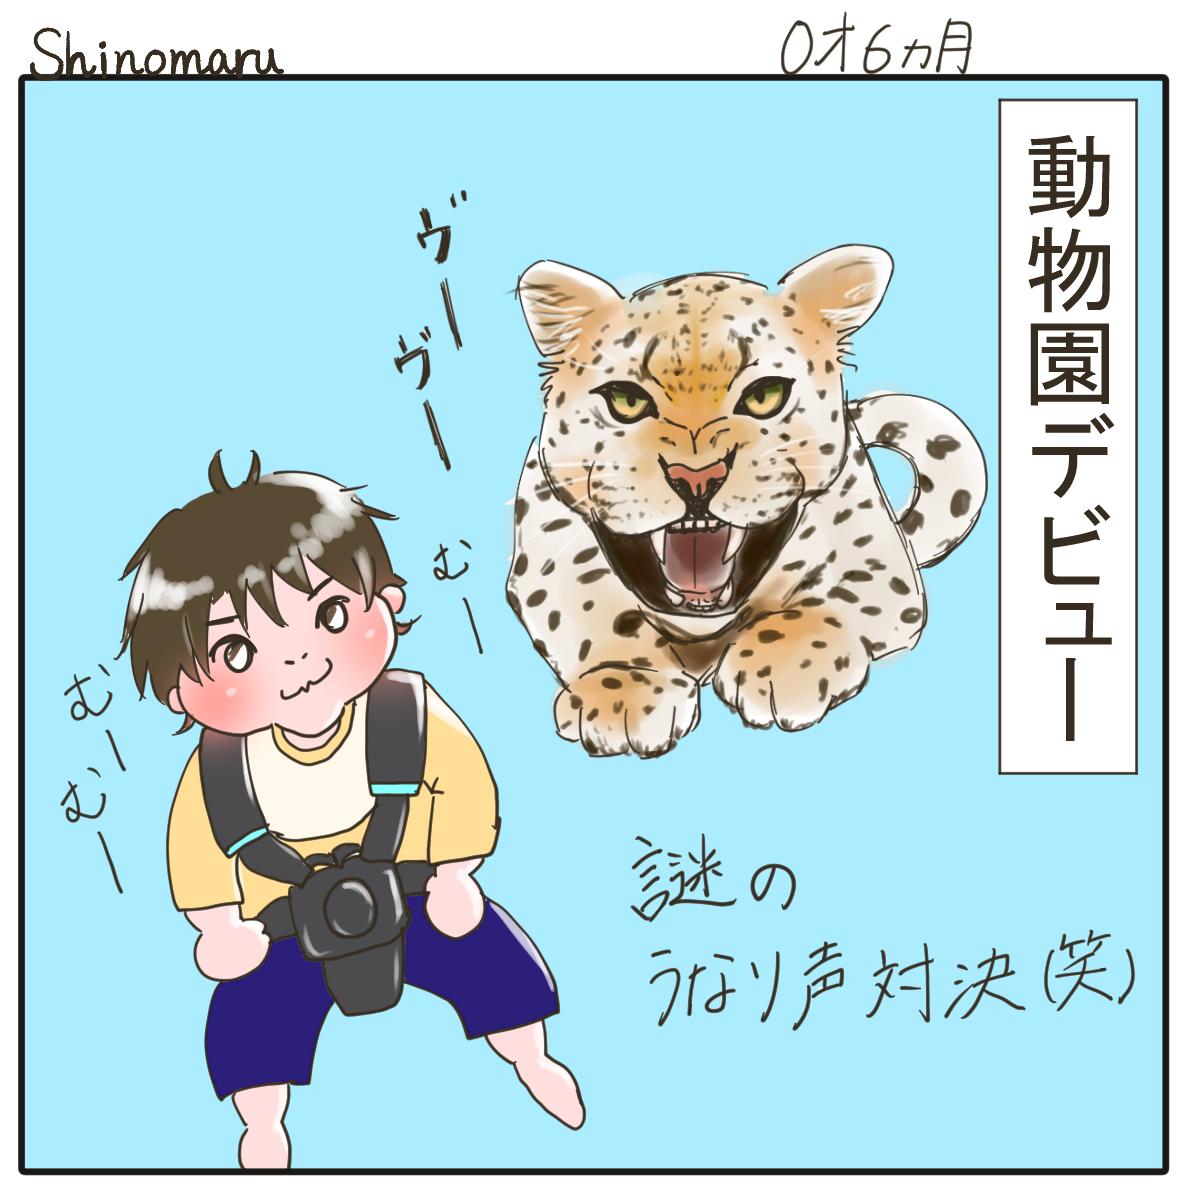 f:id:Shinomaru:20210510223022p:plain